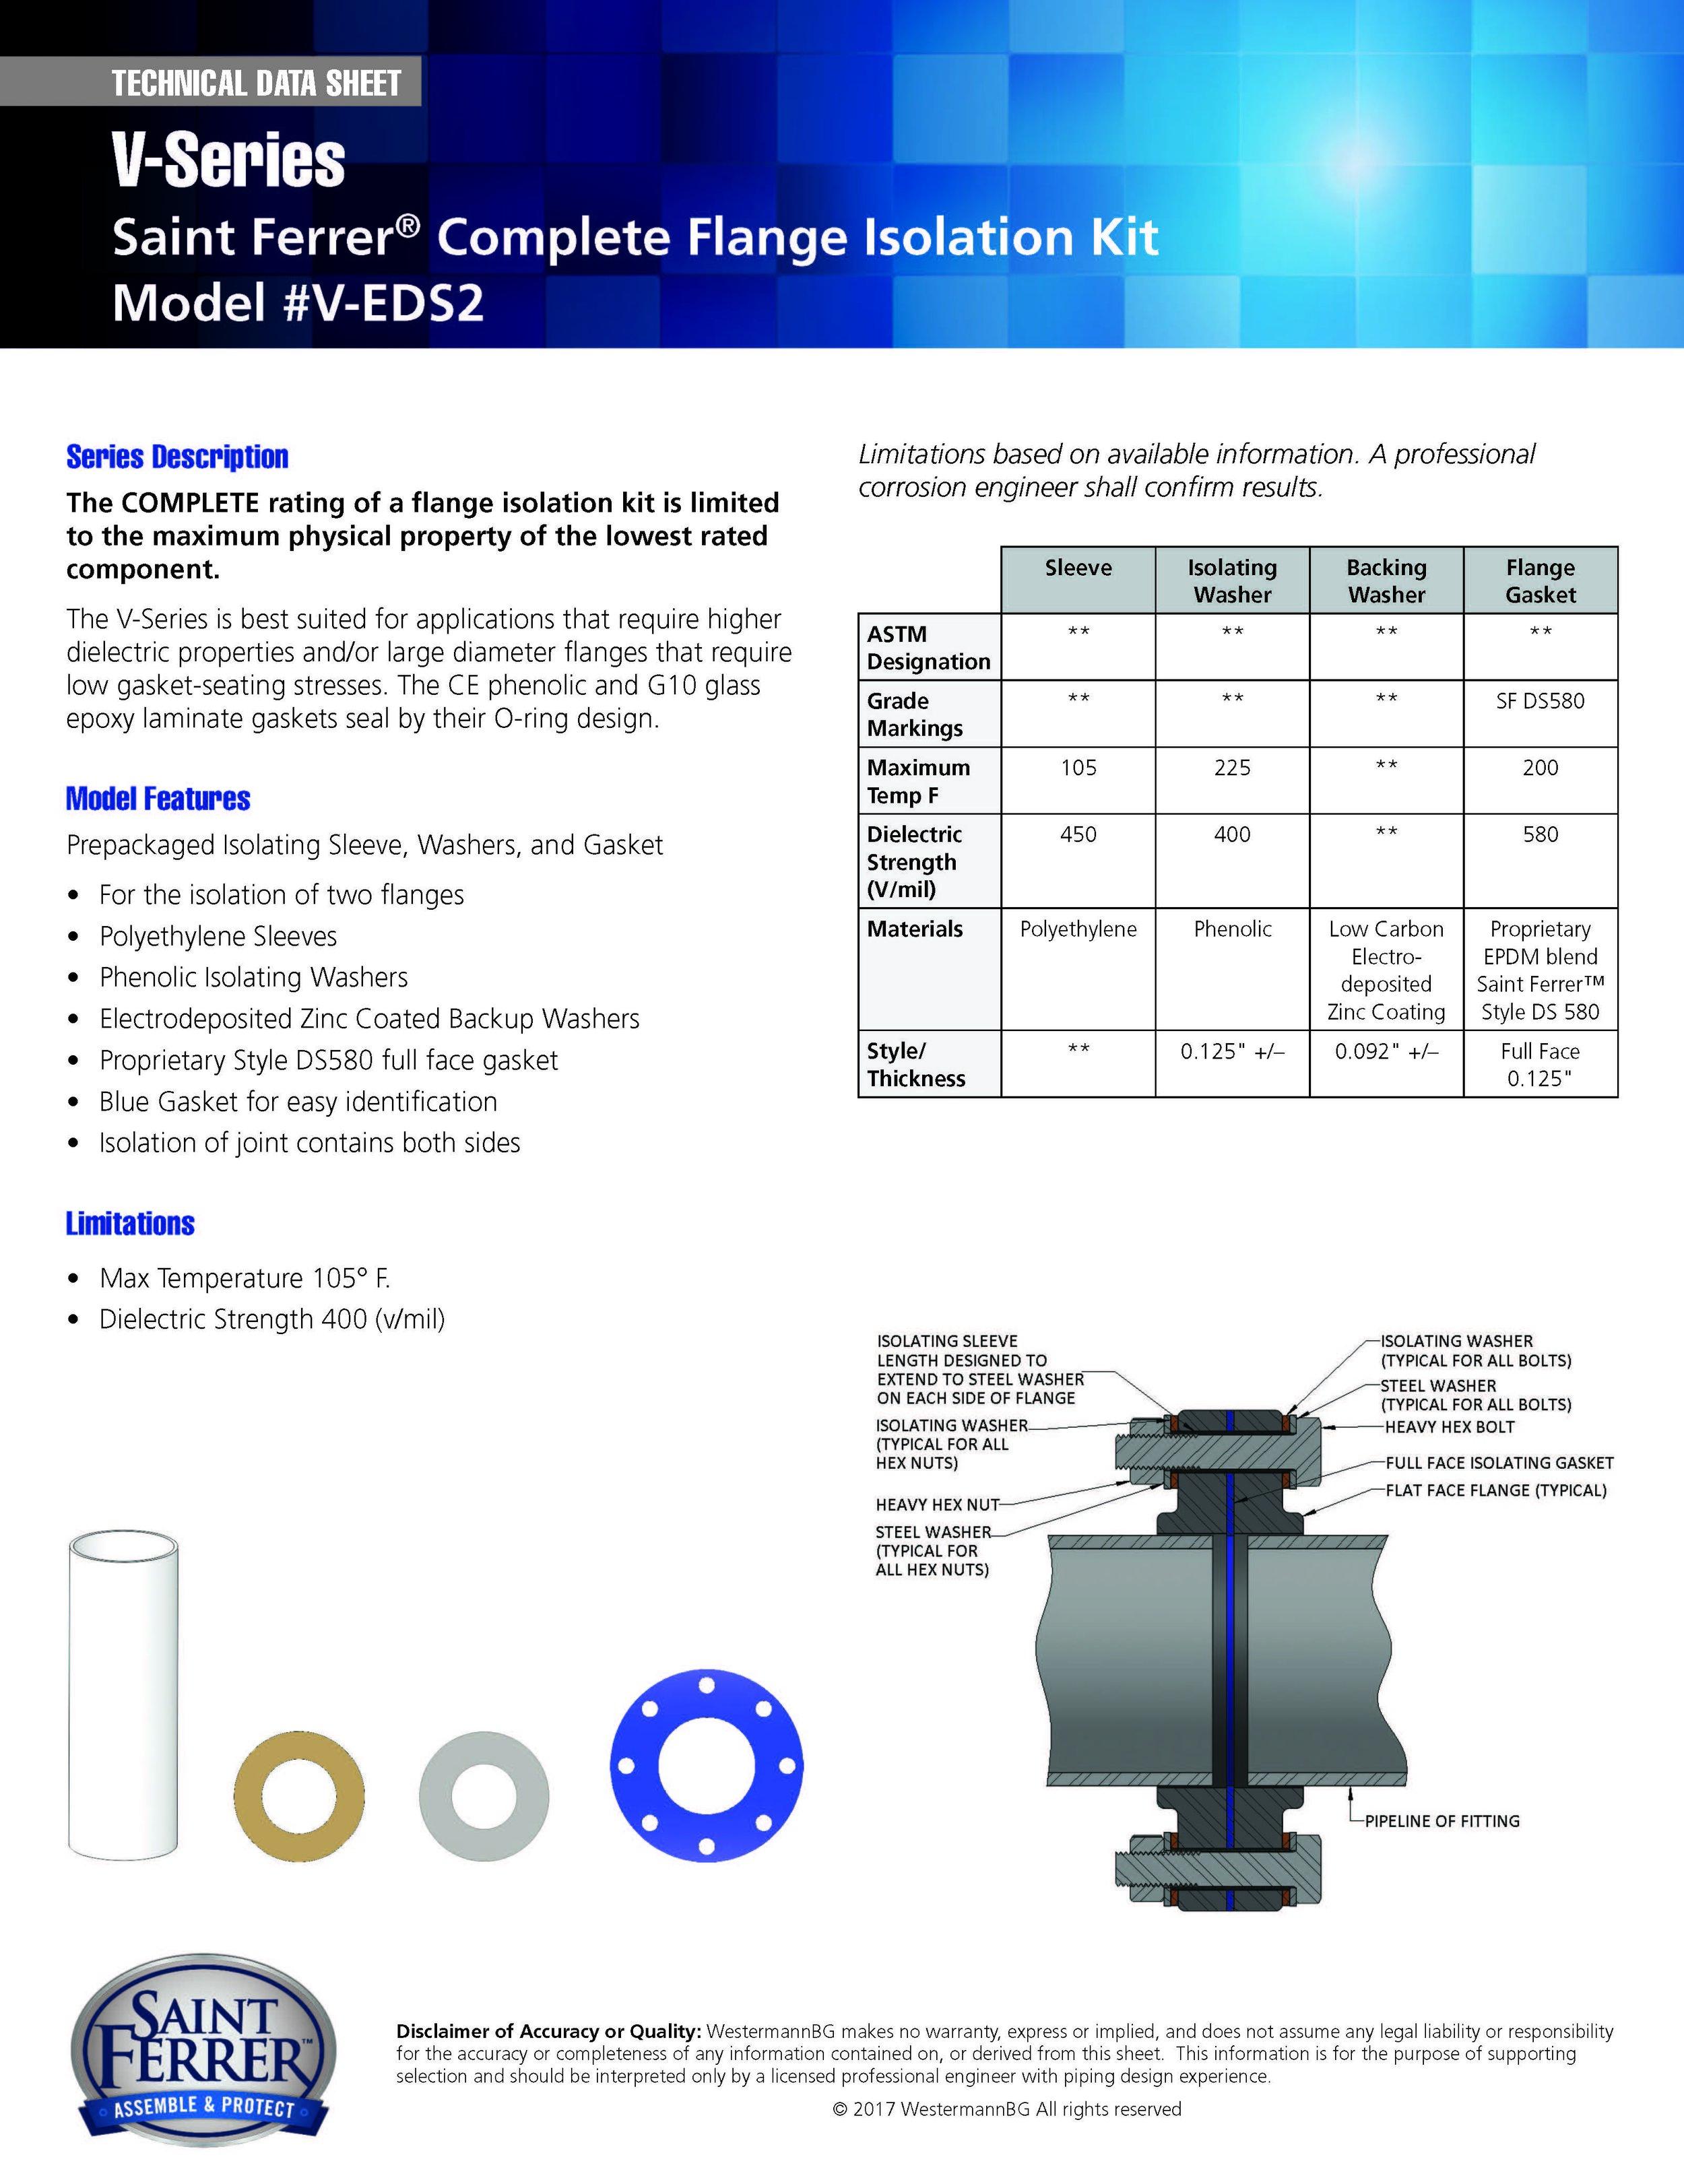 SF_Data_Sheet_V_Series_V-EDS2.jpg